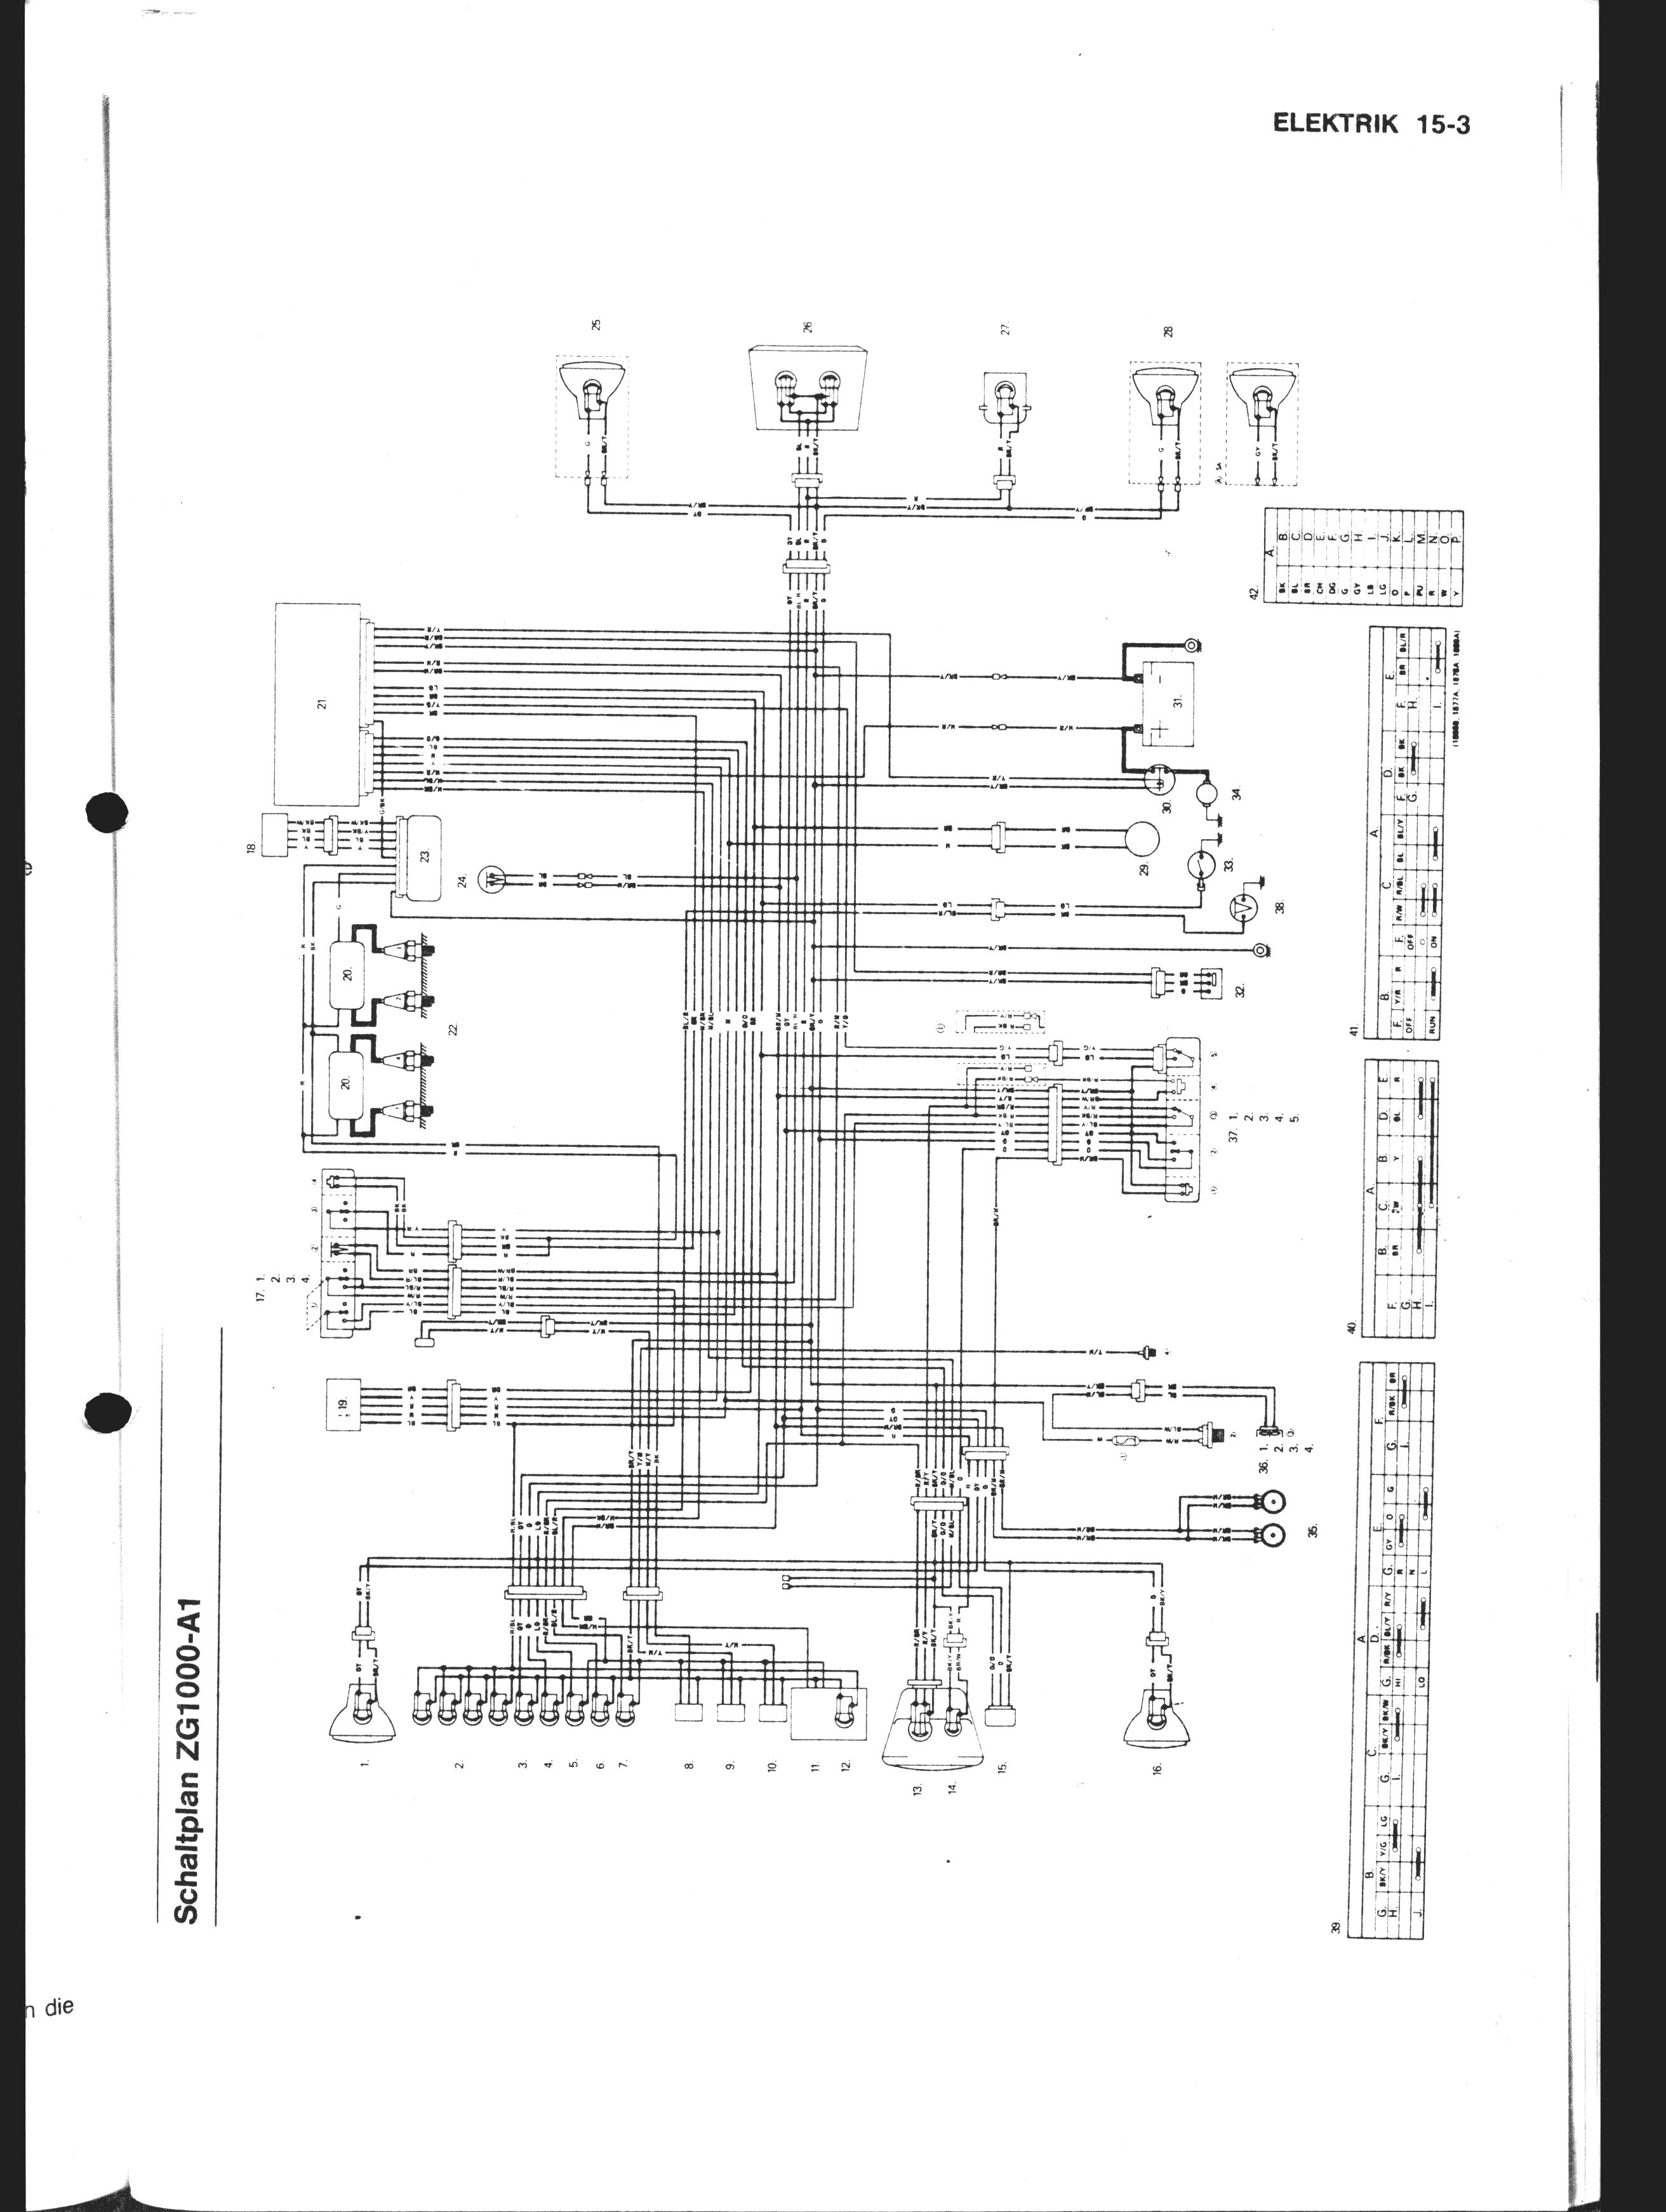 Beste Online Schaltplan Bilder - Der Schaltplan - greigo.com